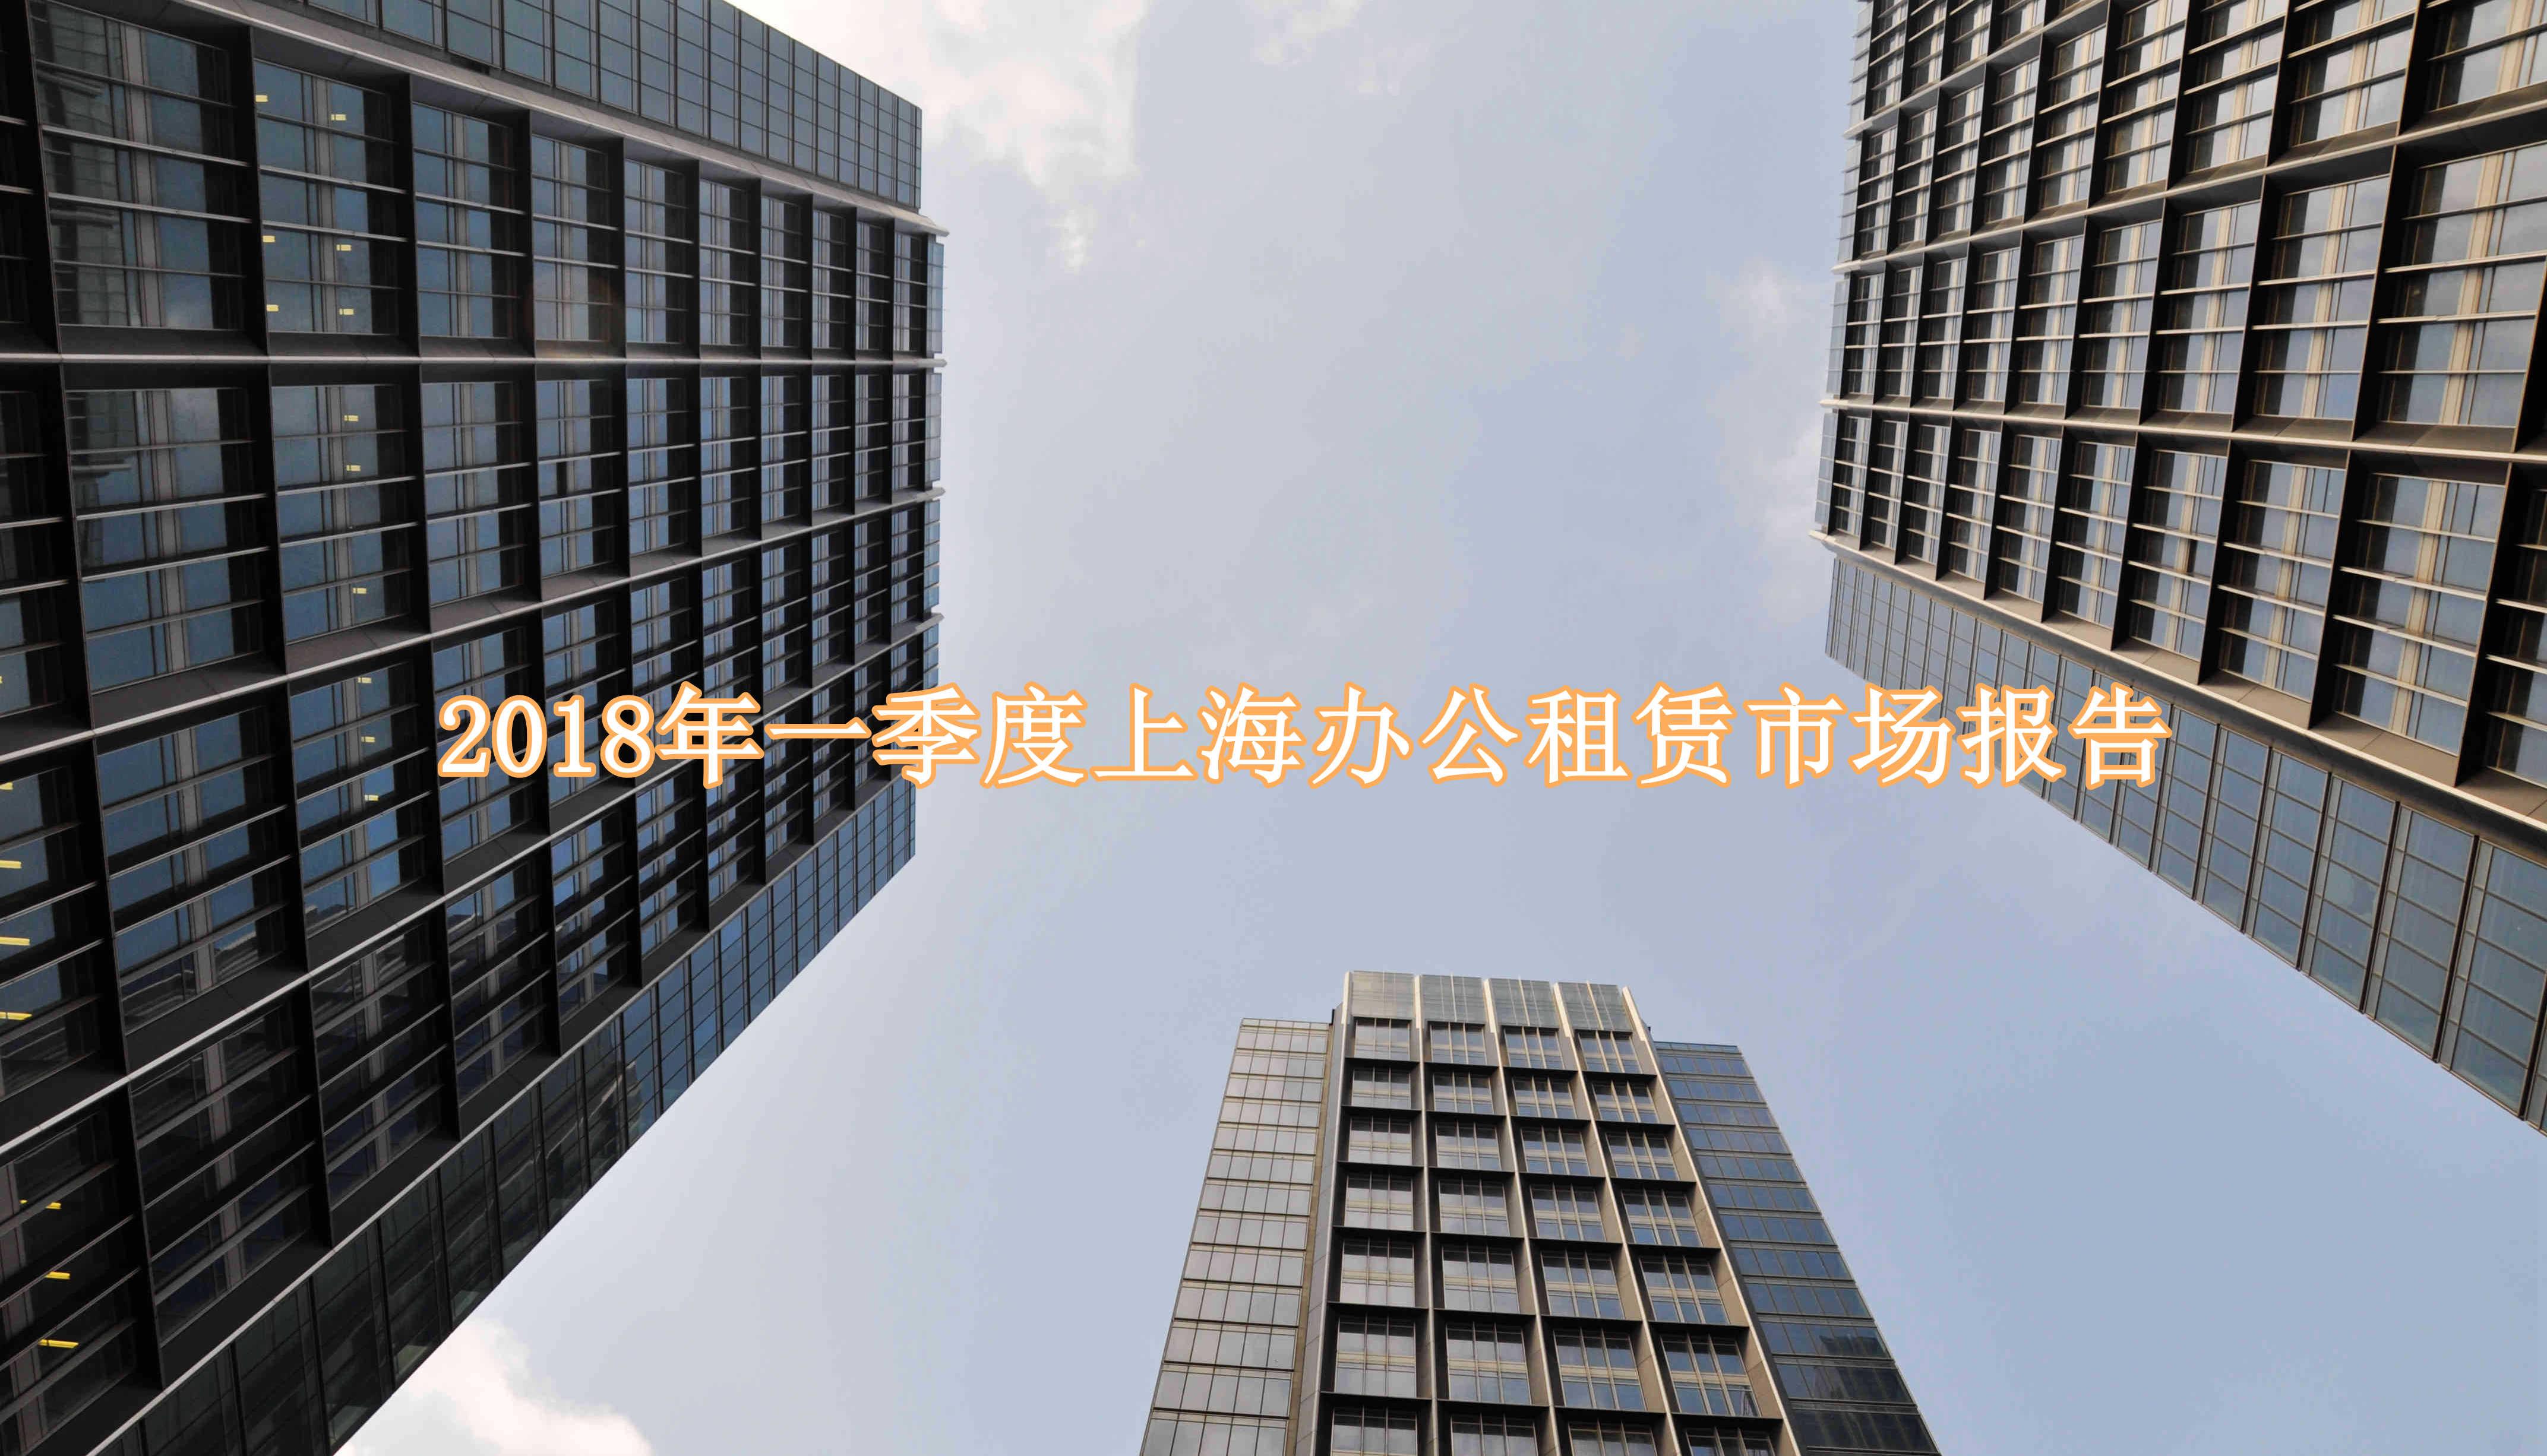 2018年一季度上海办公租赁市场报告